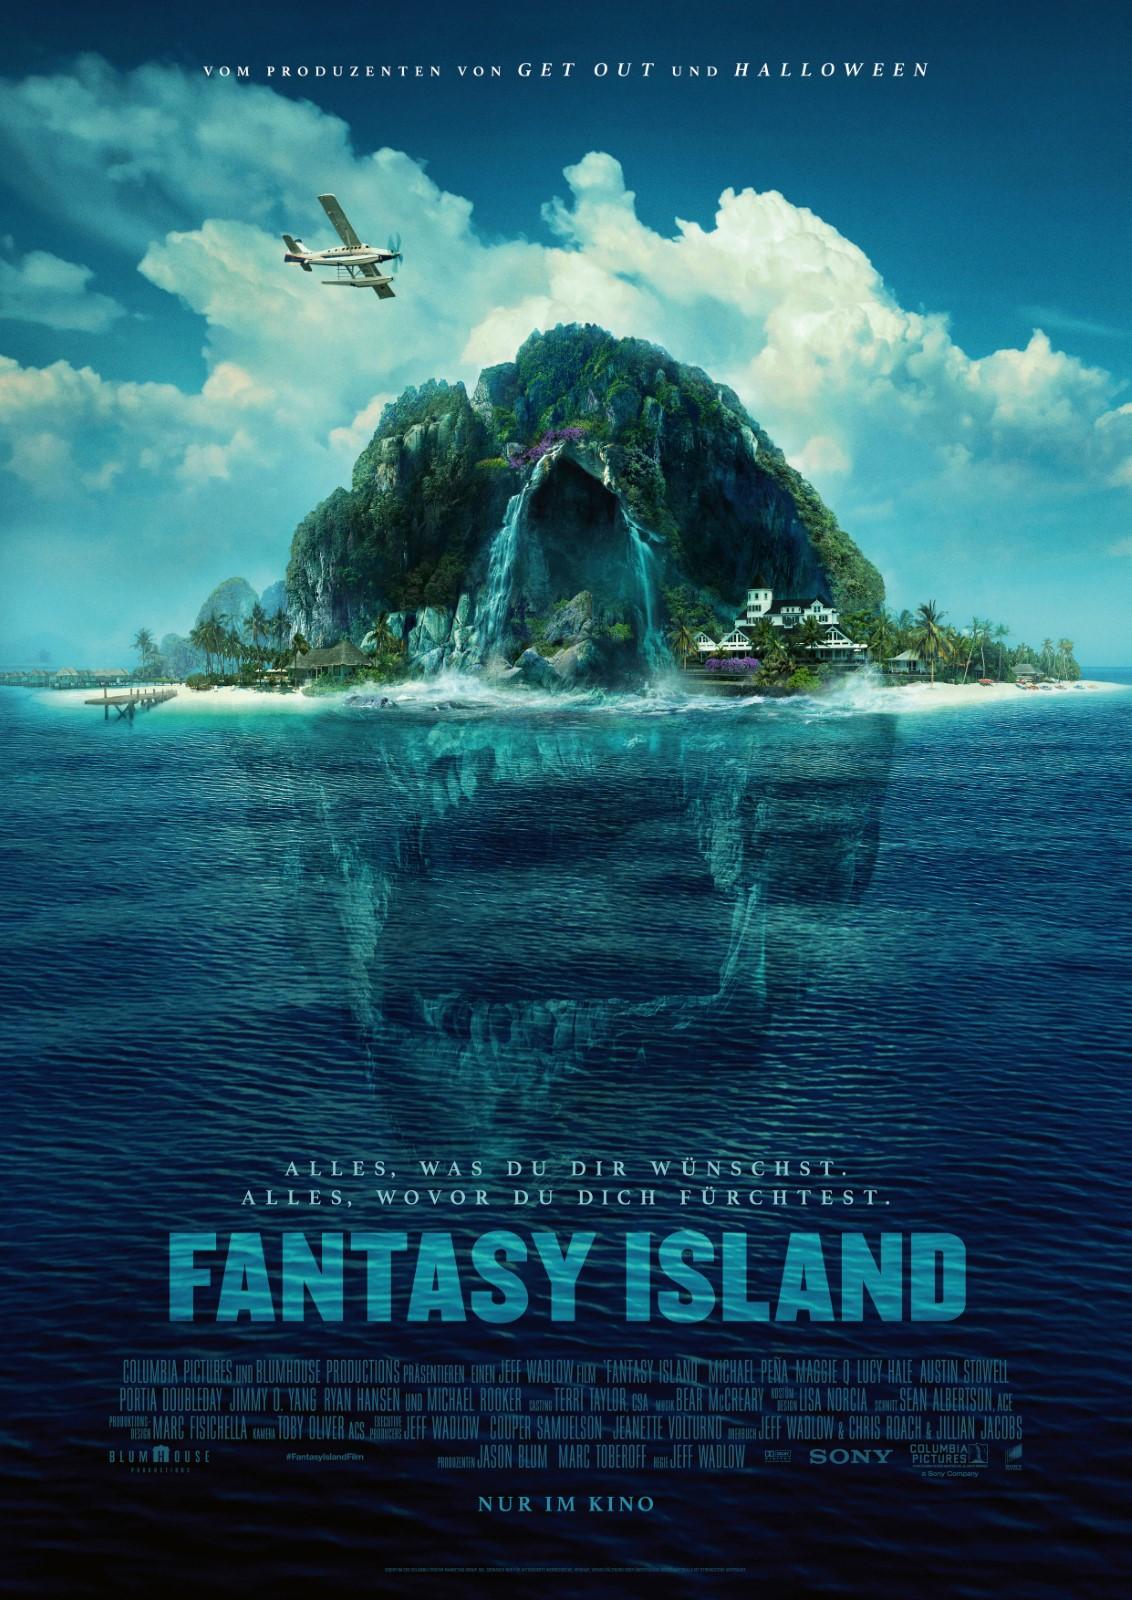 Der Schwan Film Island